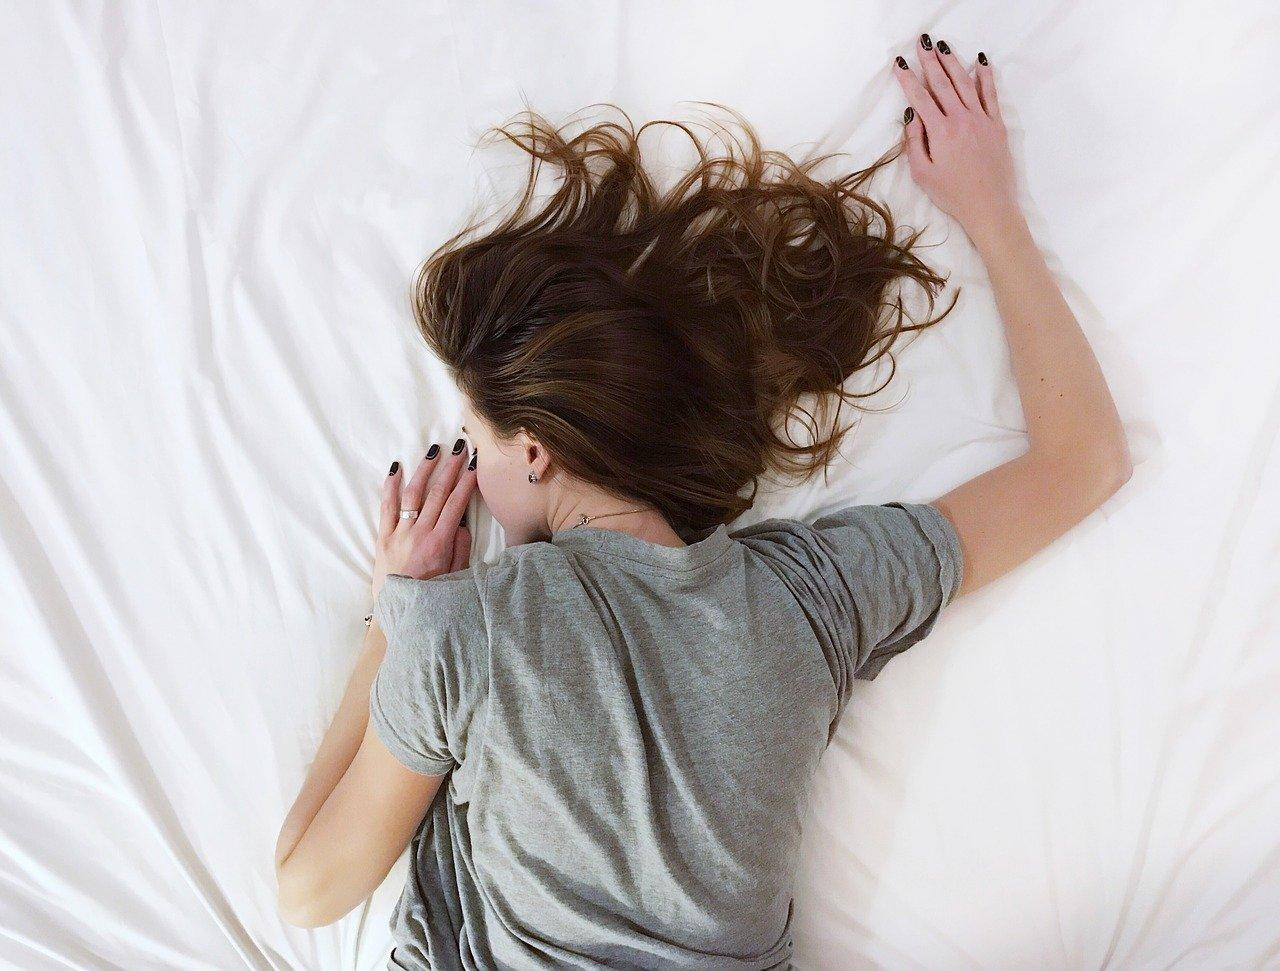 slaapcyclus wat is diepe slaap